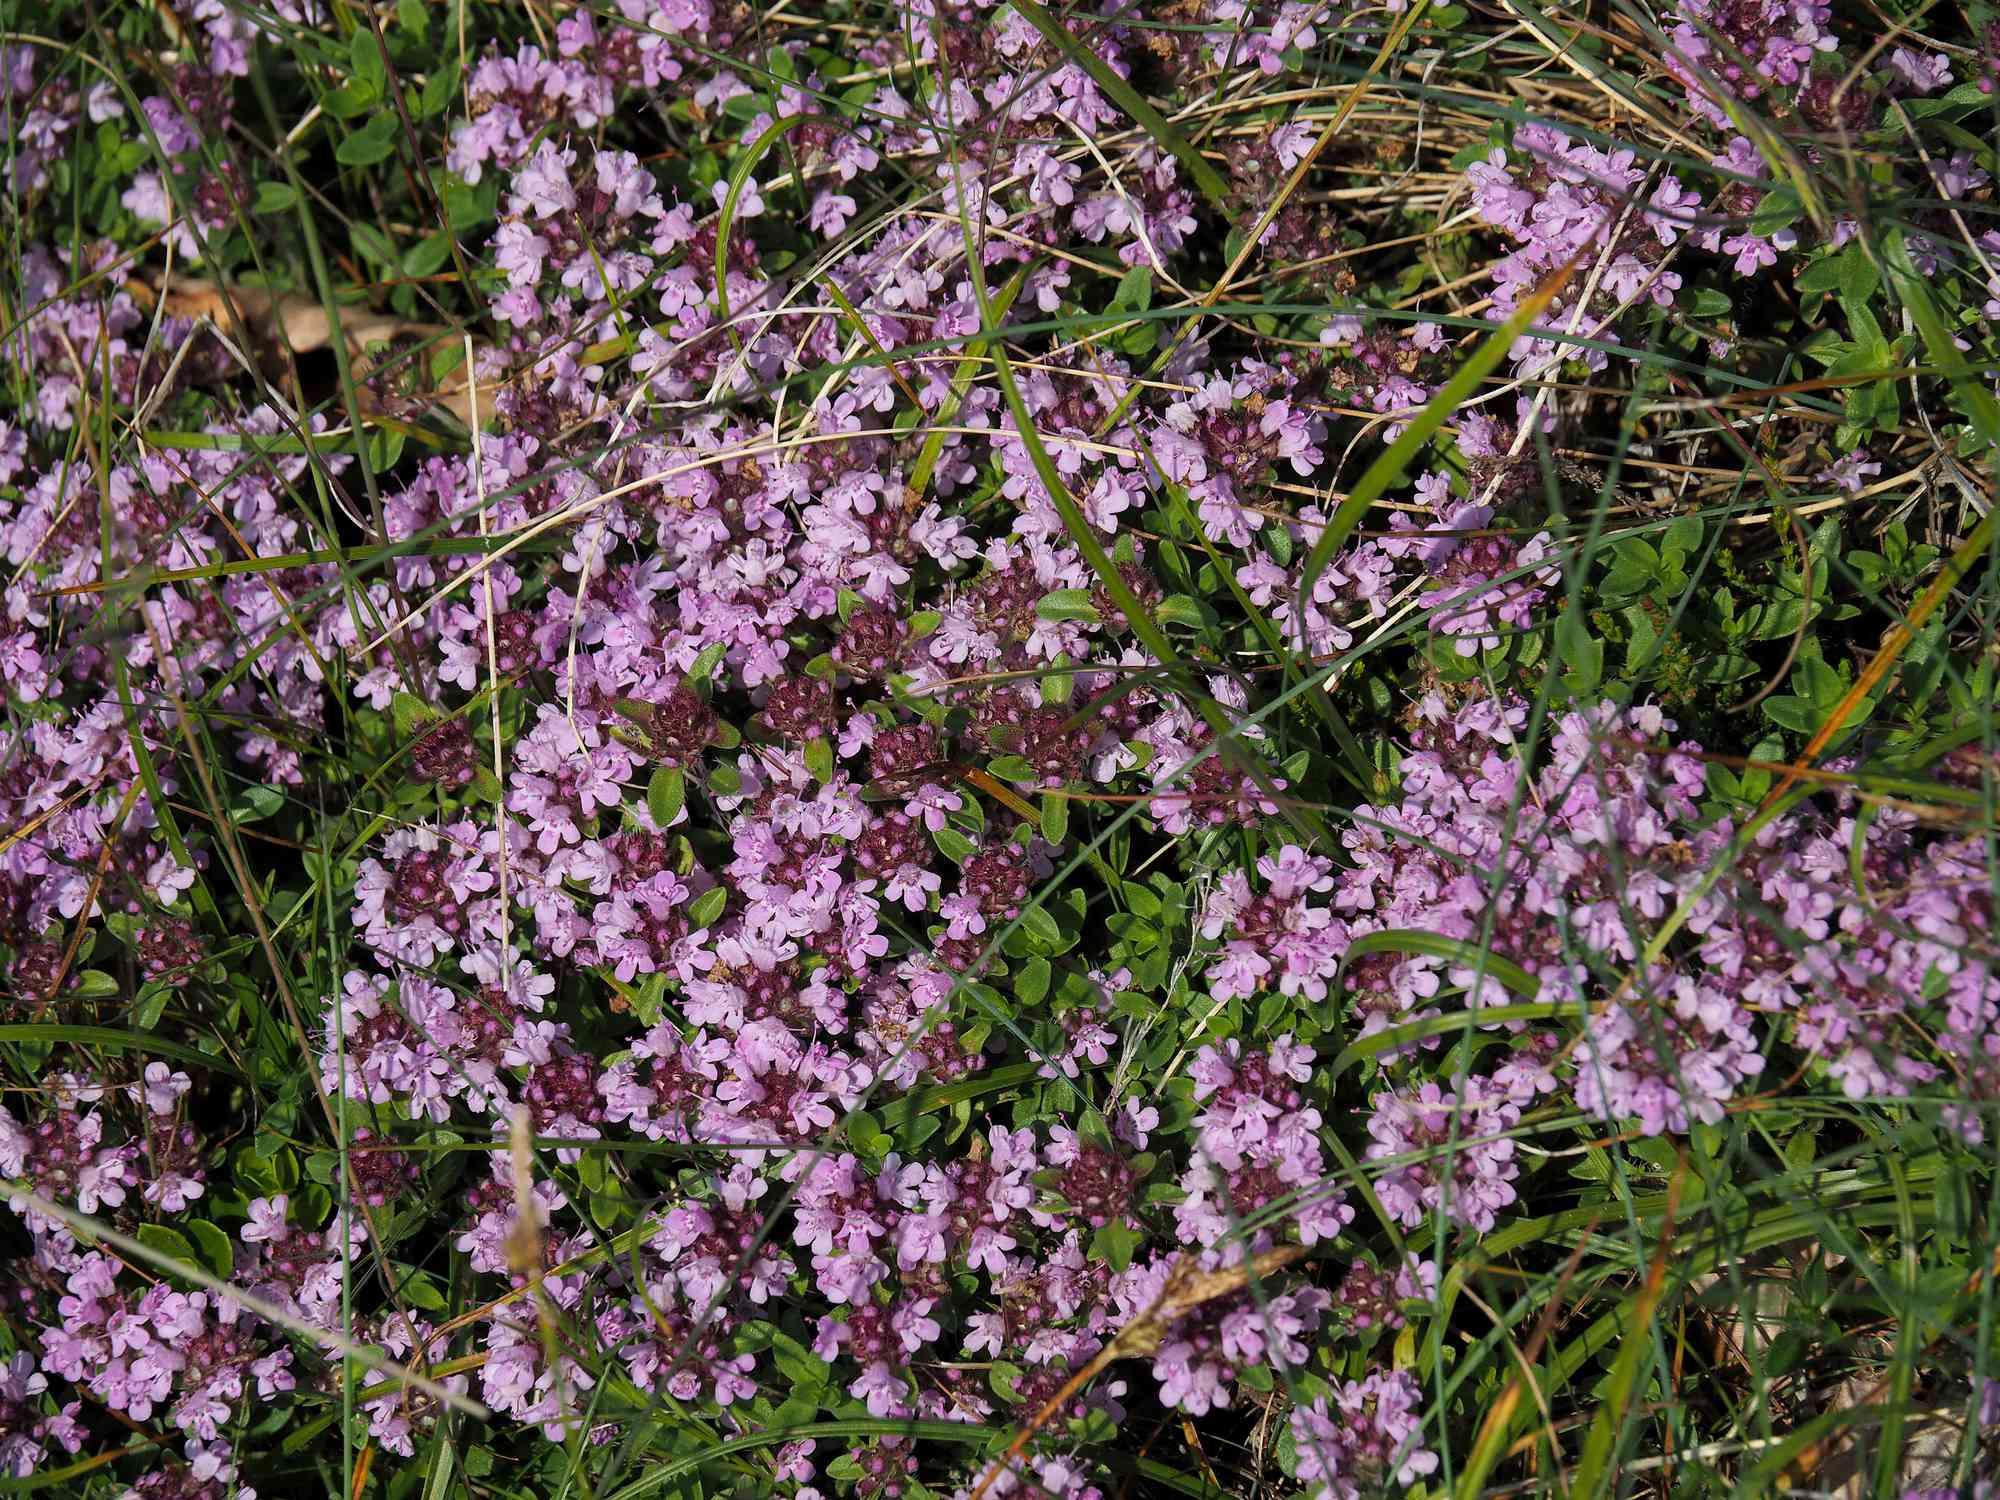 Wild Thyme Flowers (Thymus serpyllum)